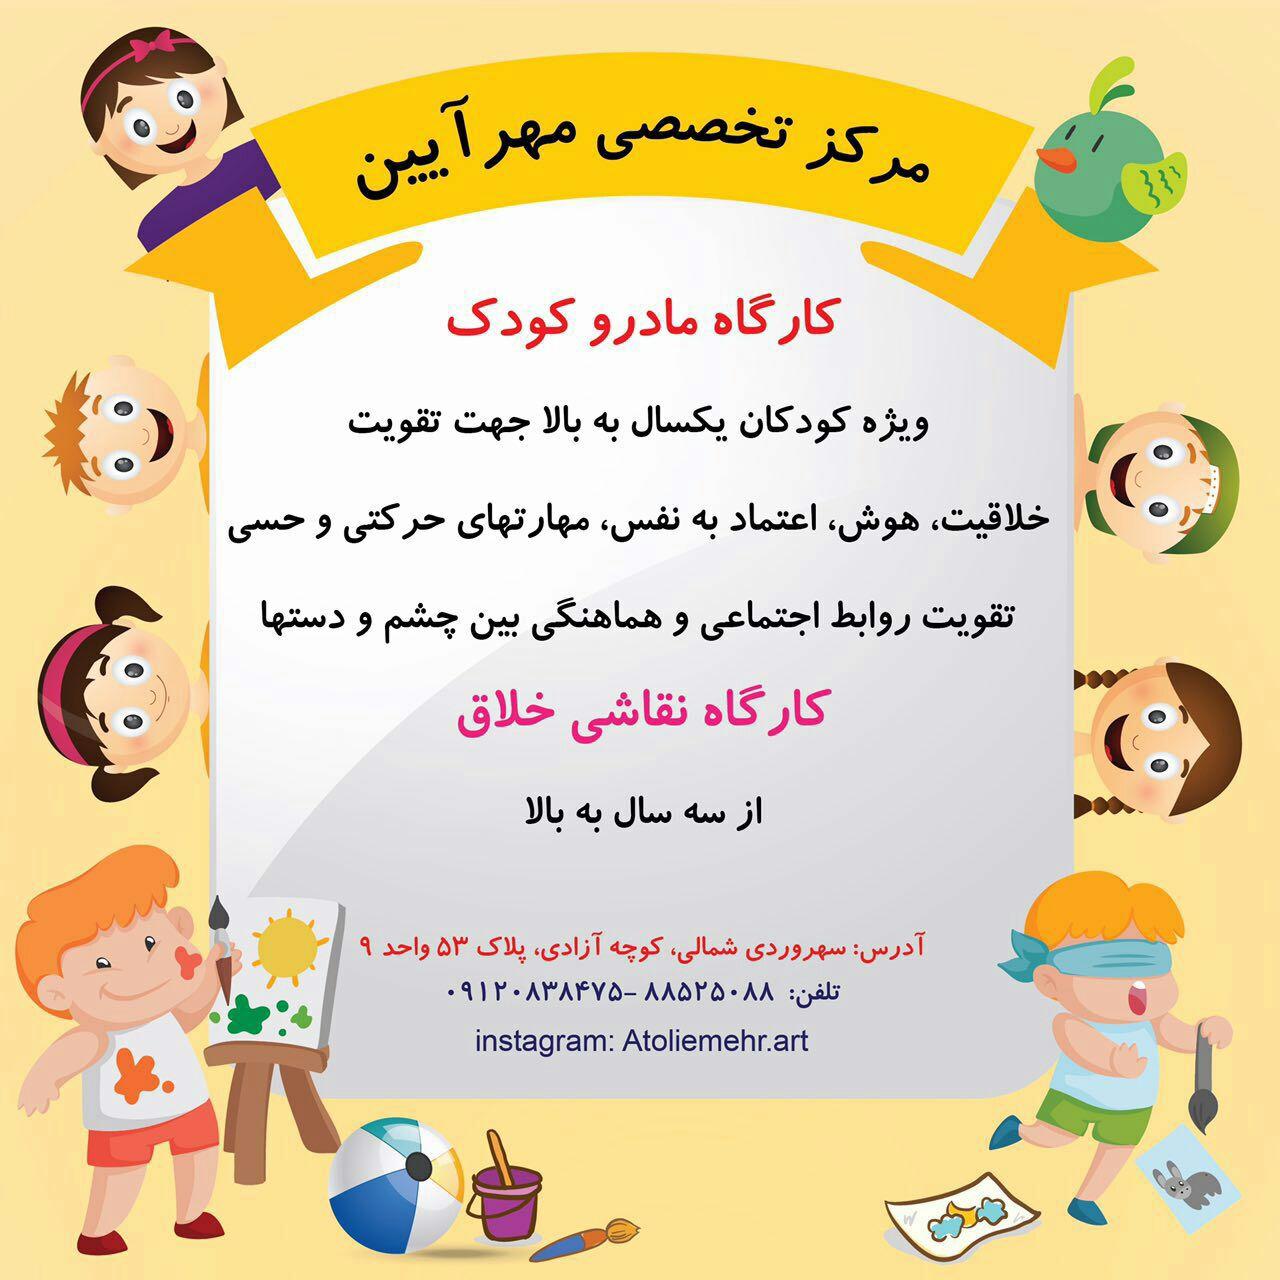 مرکز تخصصی مهر آیین